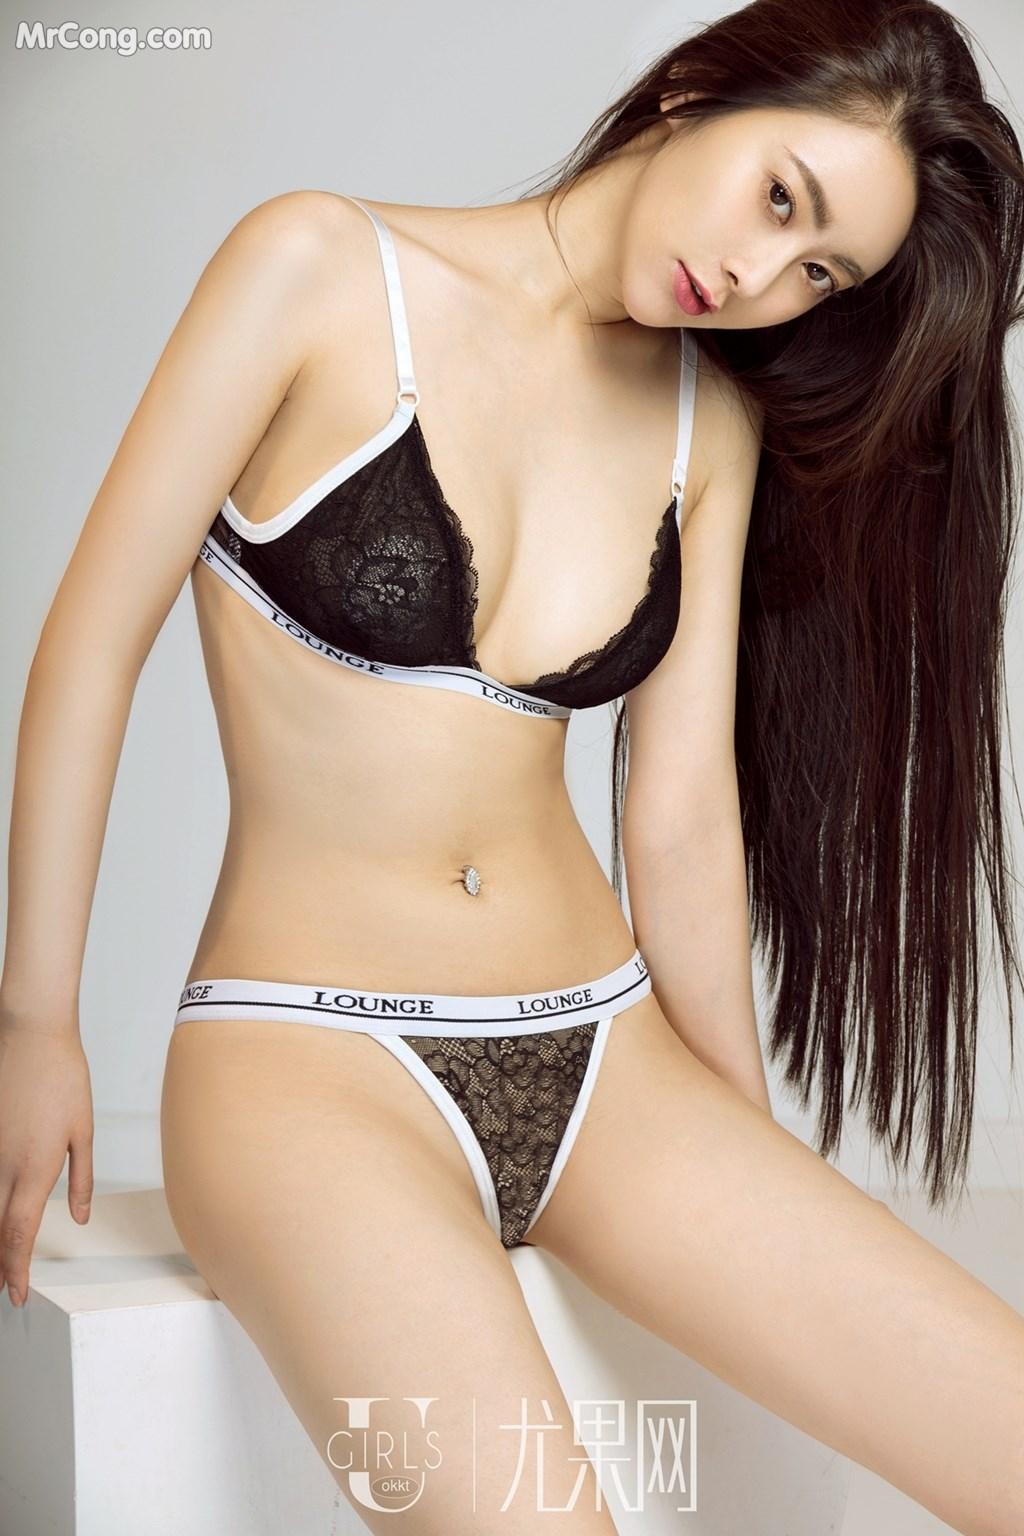 Image UGIRLS-U309-Mu-Fei-Fei-MrCong.com-020 in post UGIRLS U309: Người mẫu Mu Fei Fei (穆菲菲) (64 ảnh)